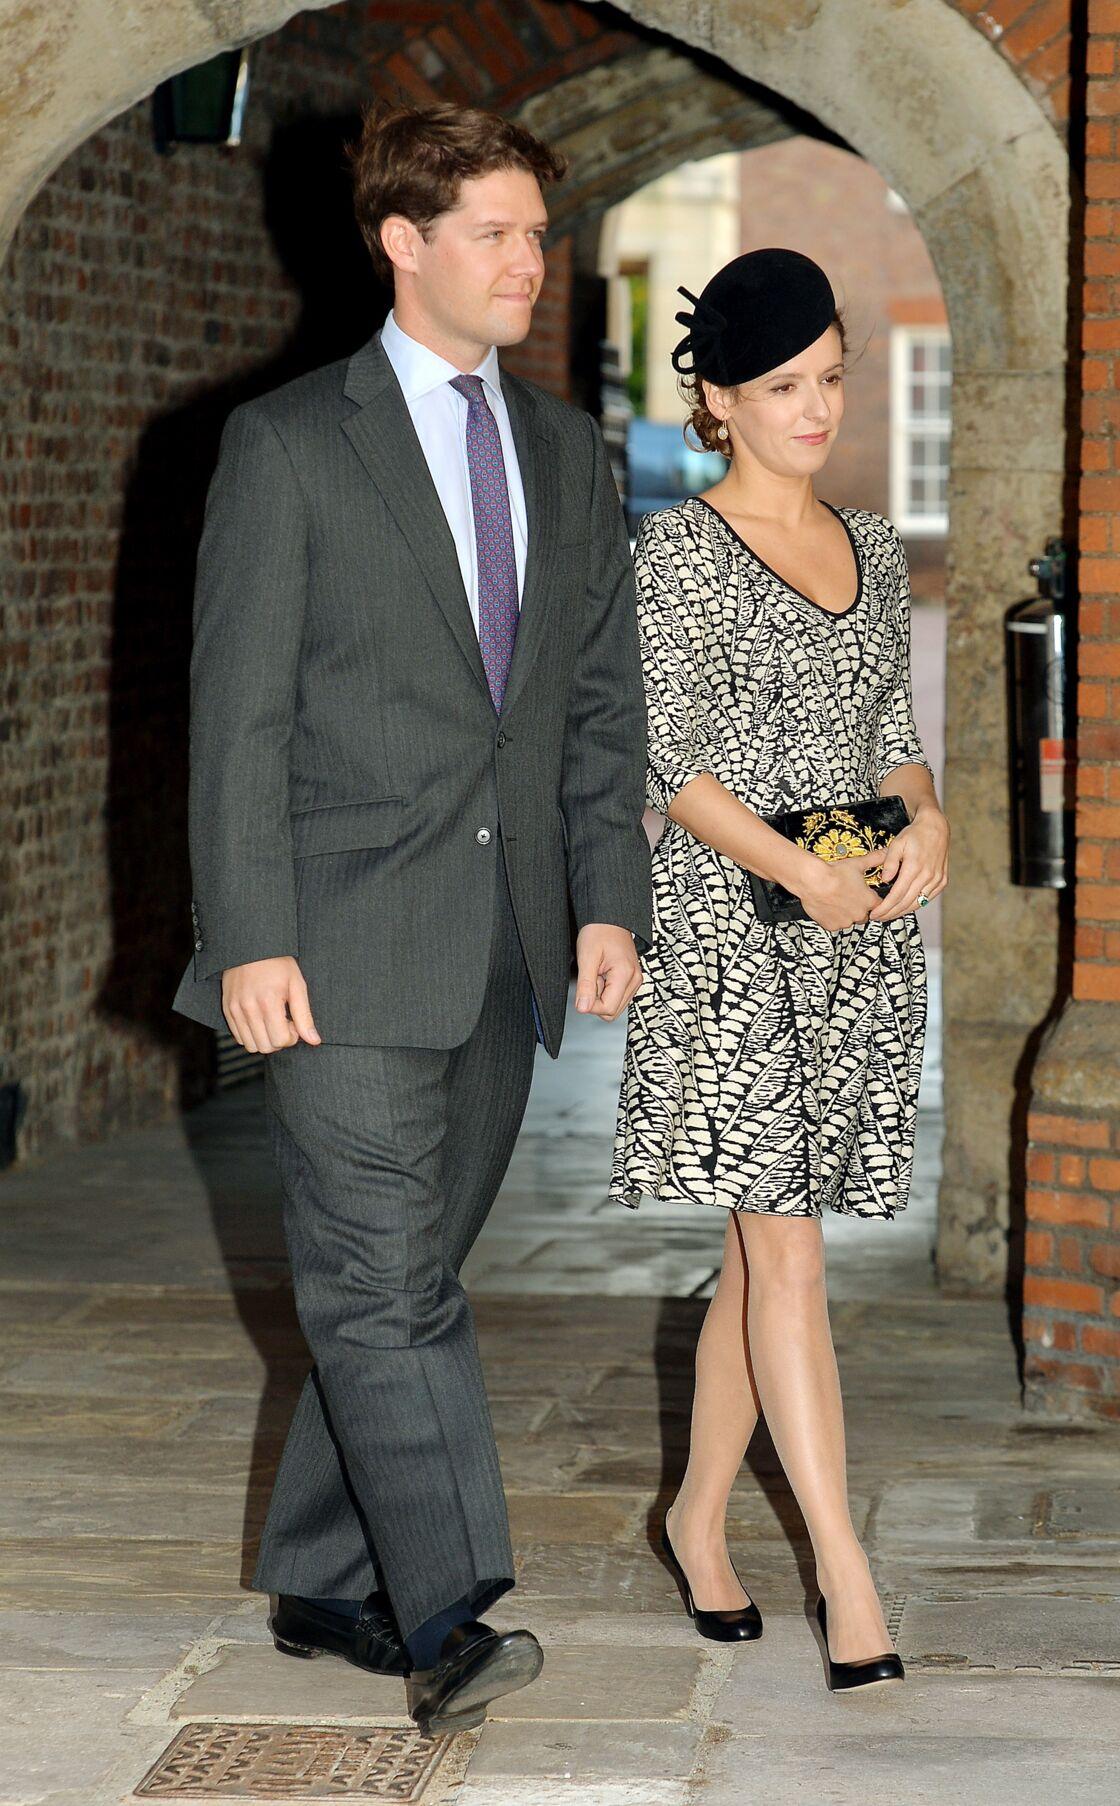 Emilia Jardine-Paterson et son mari ont assisté au baptême du prince George en la chapelle royale du palais Saint James à Londres, le 23 octobre 2013.